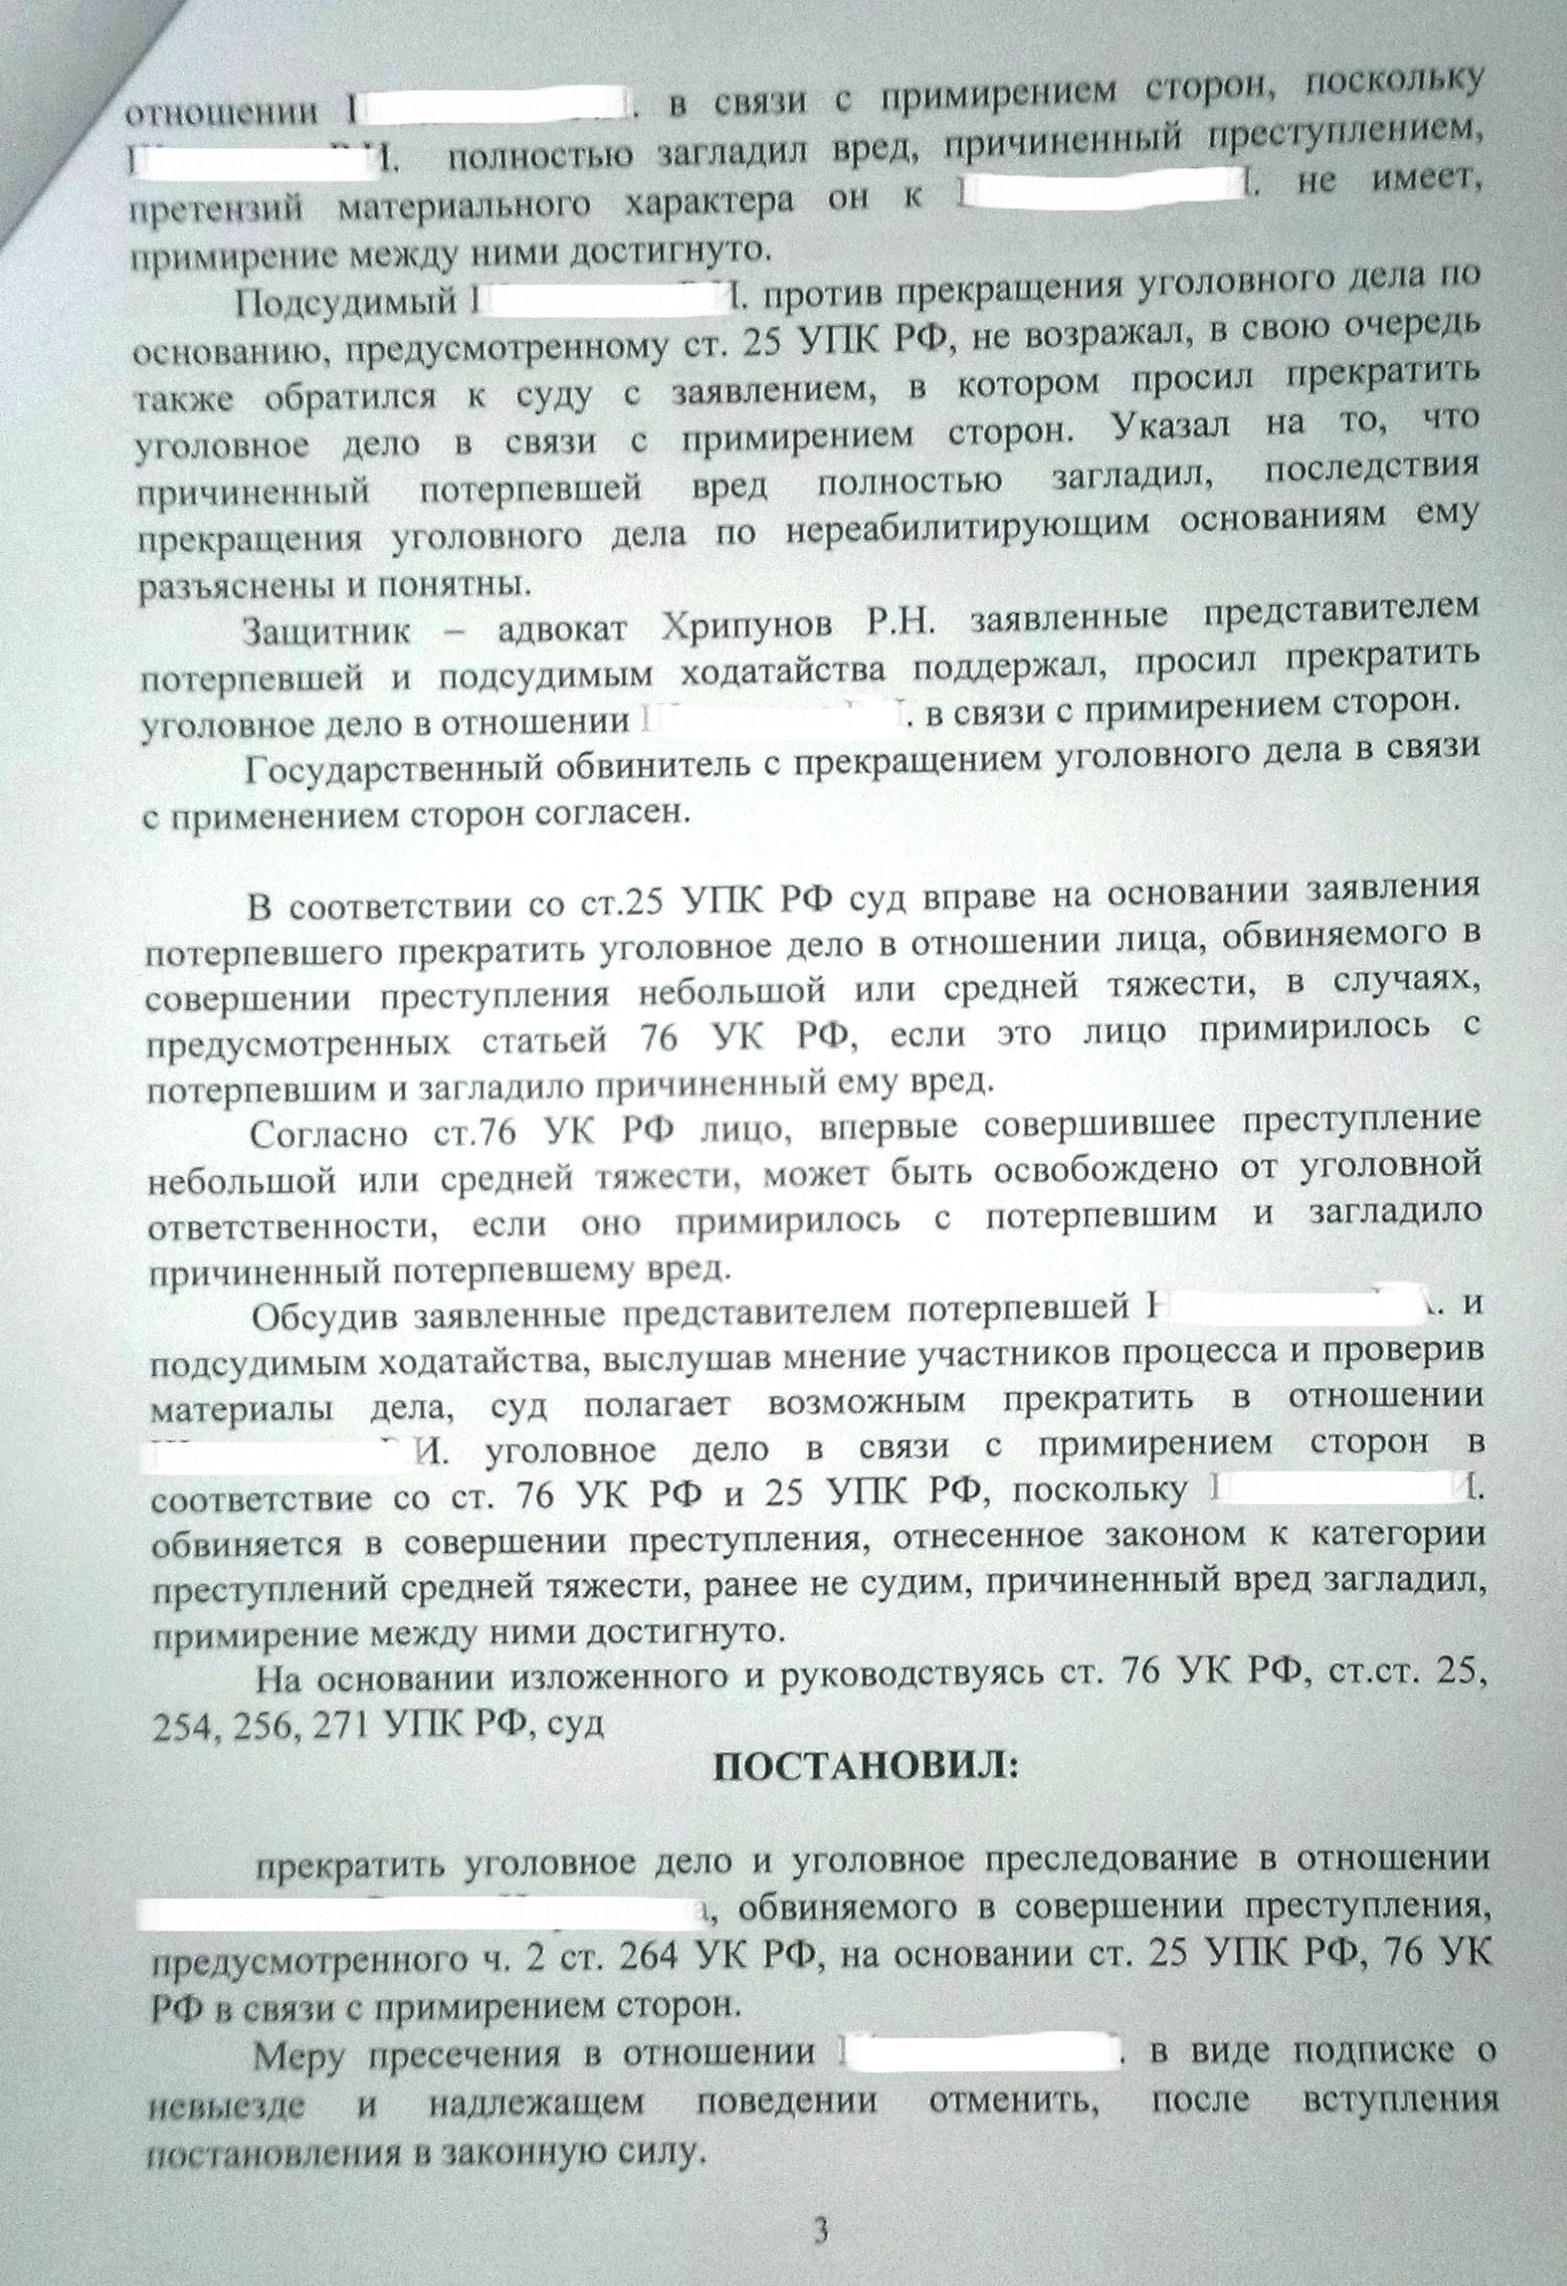 vyigrannoe-delo-statja-264-dtp-1